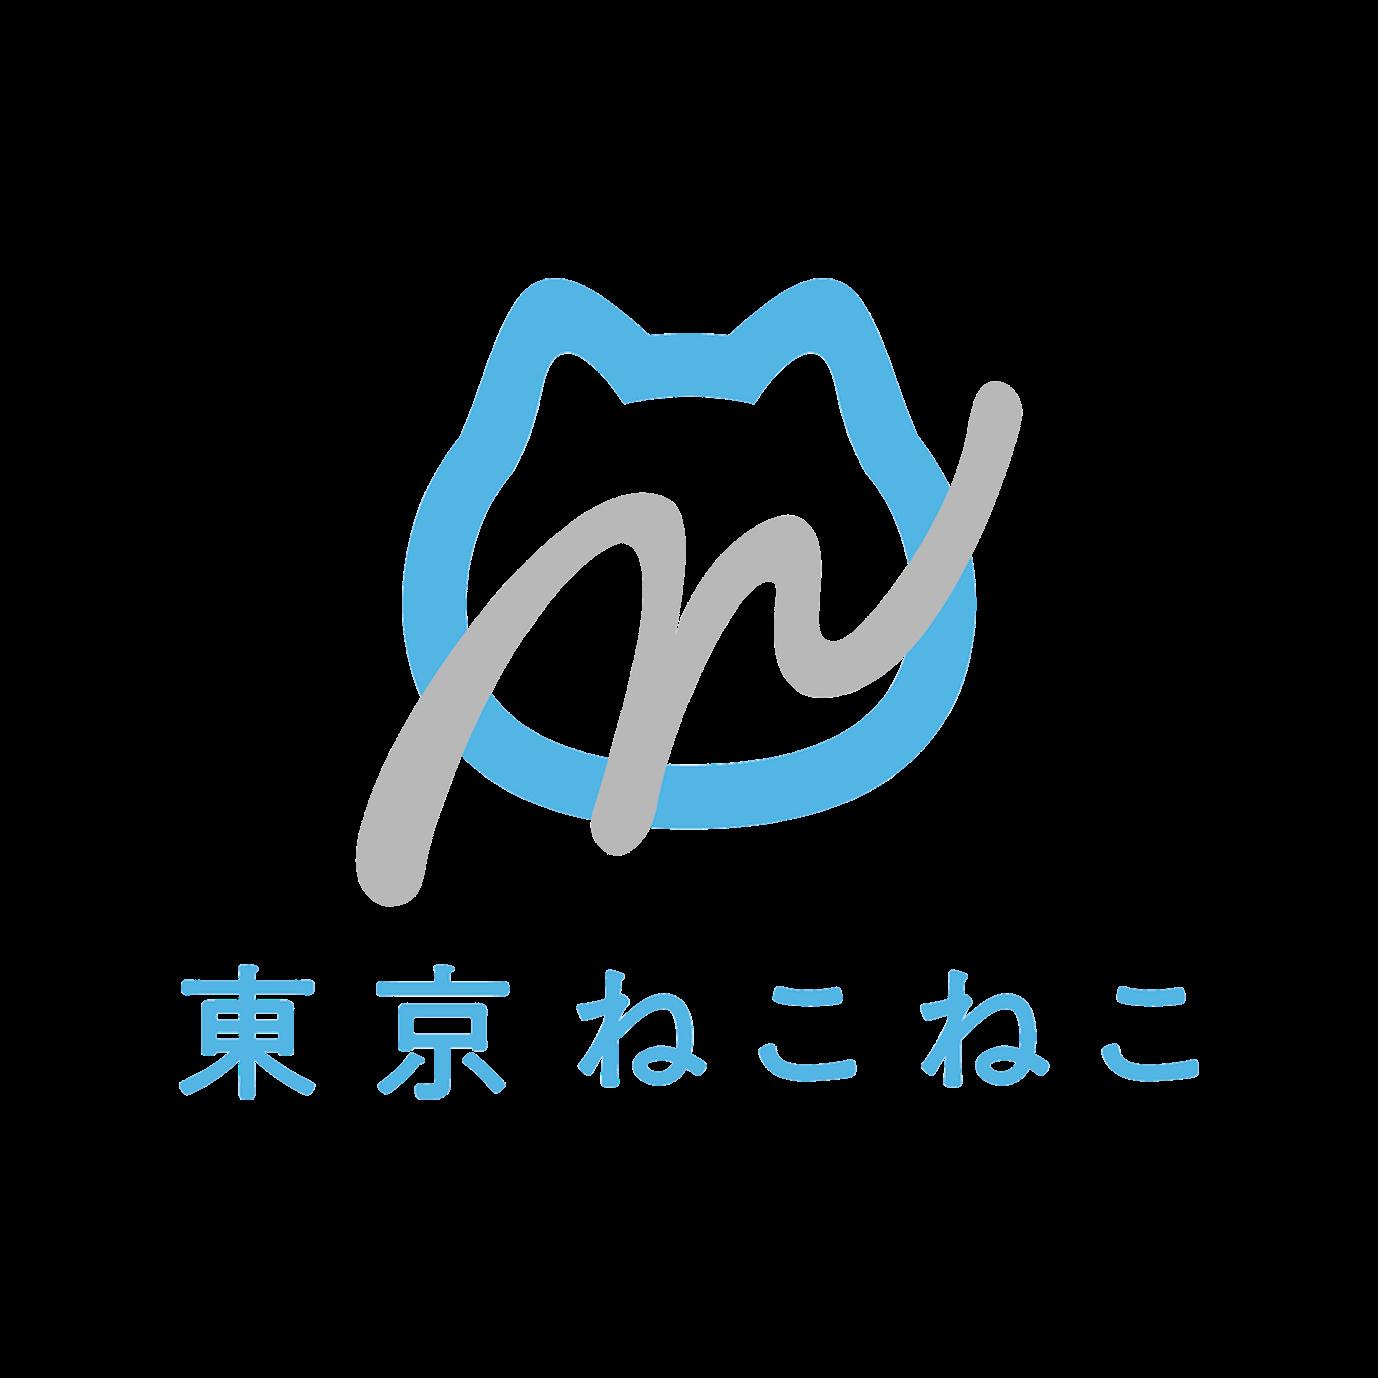 東京ねこねこ 銀座店